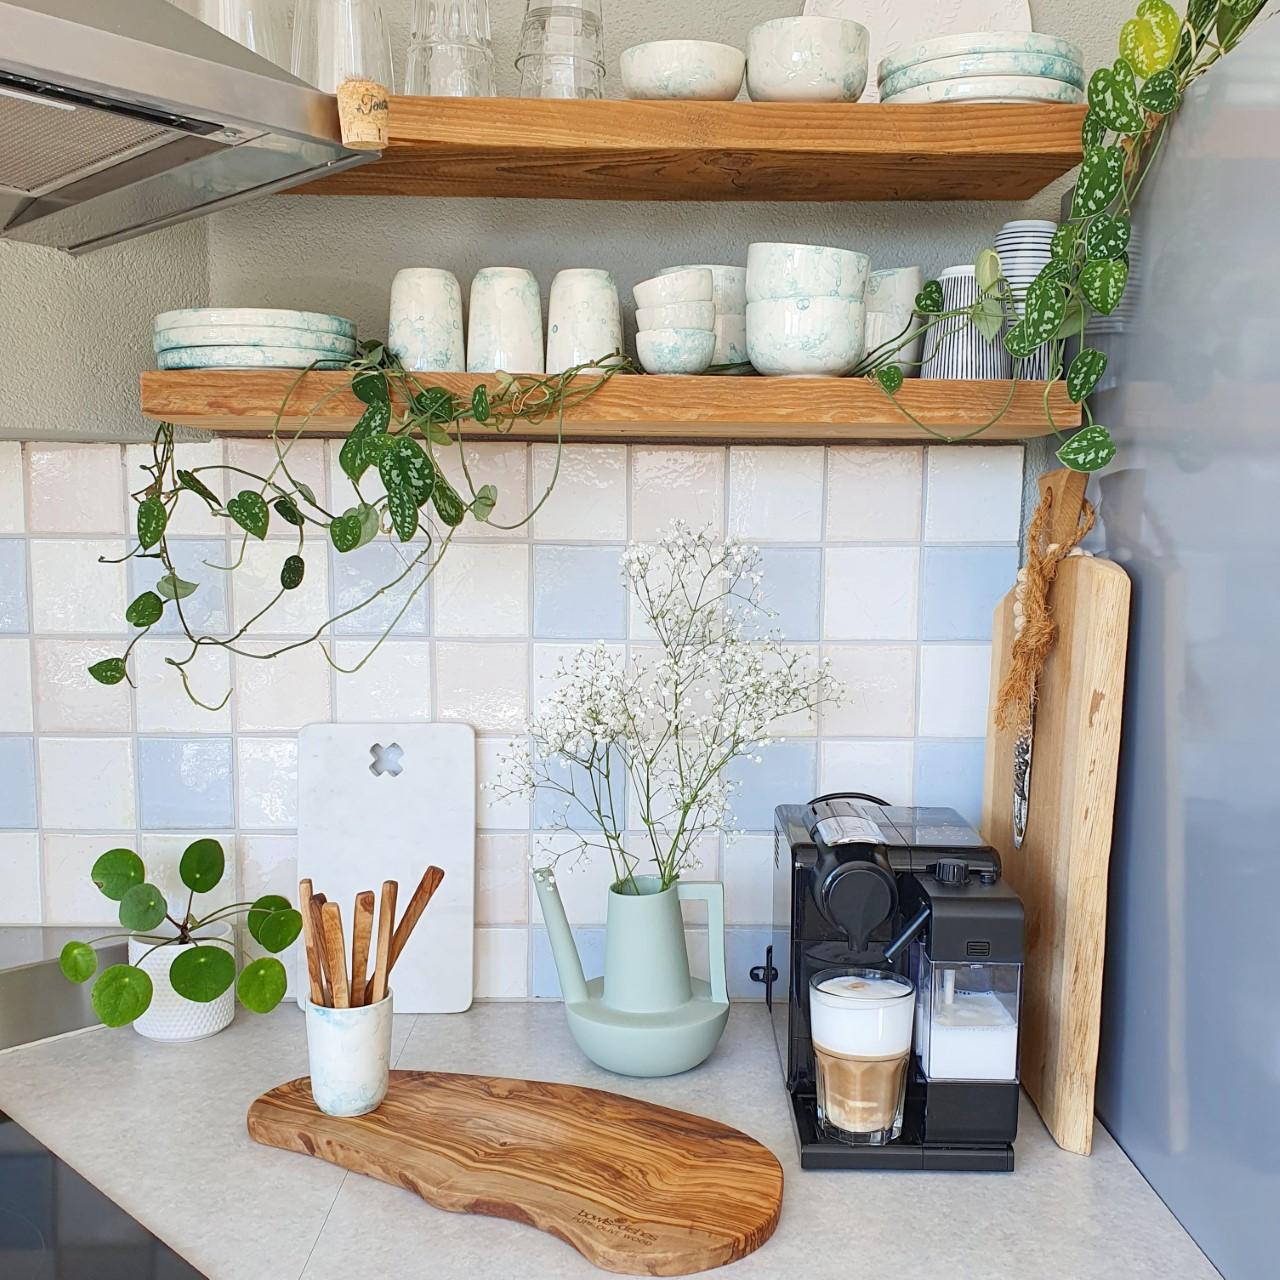 servies espuma op keukenplank